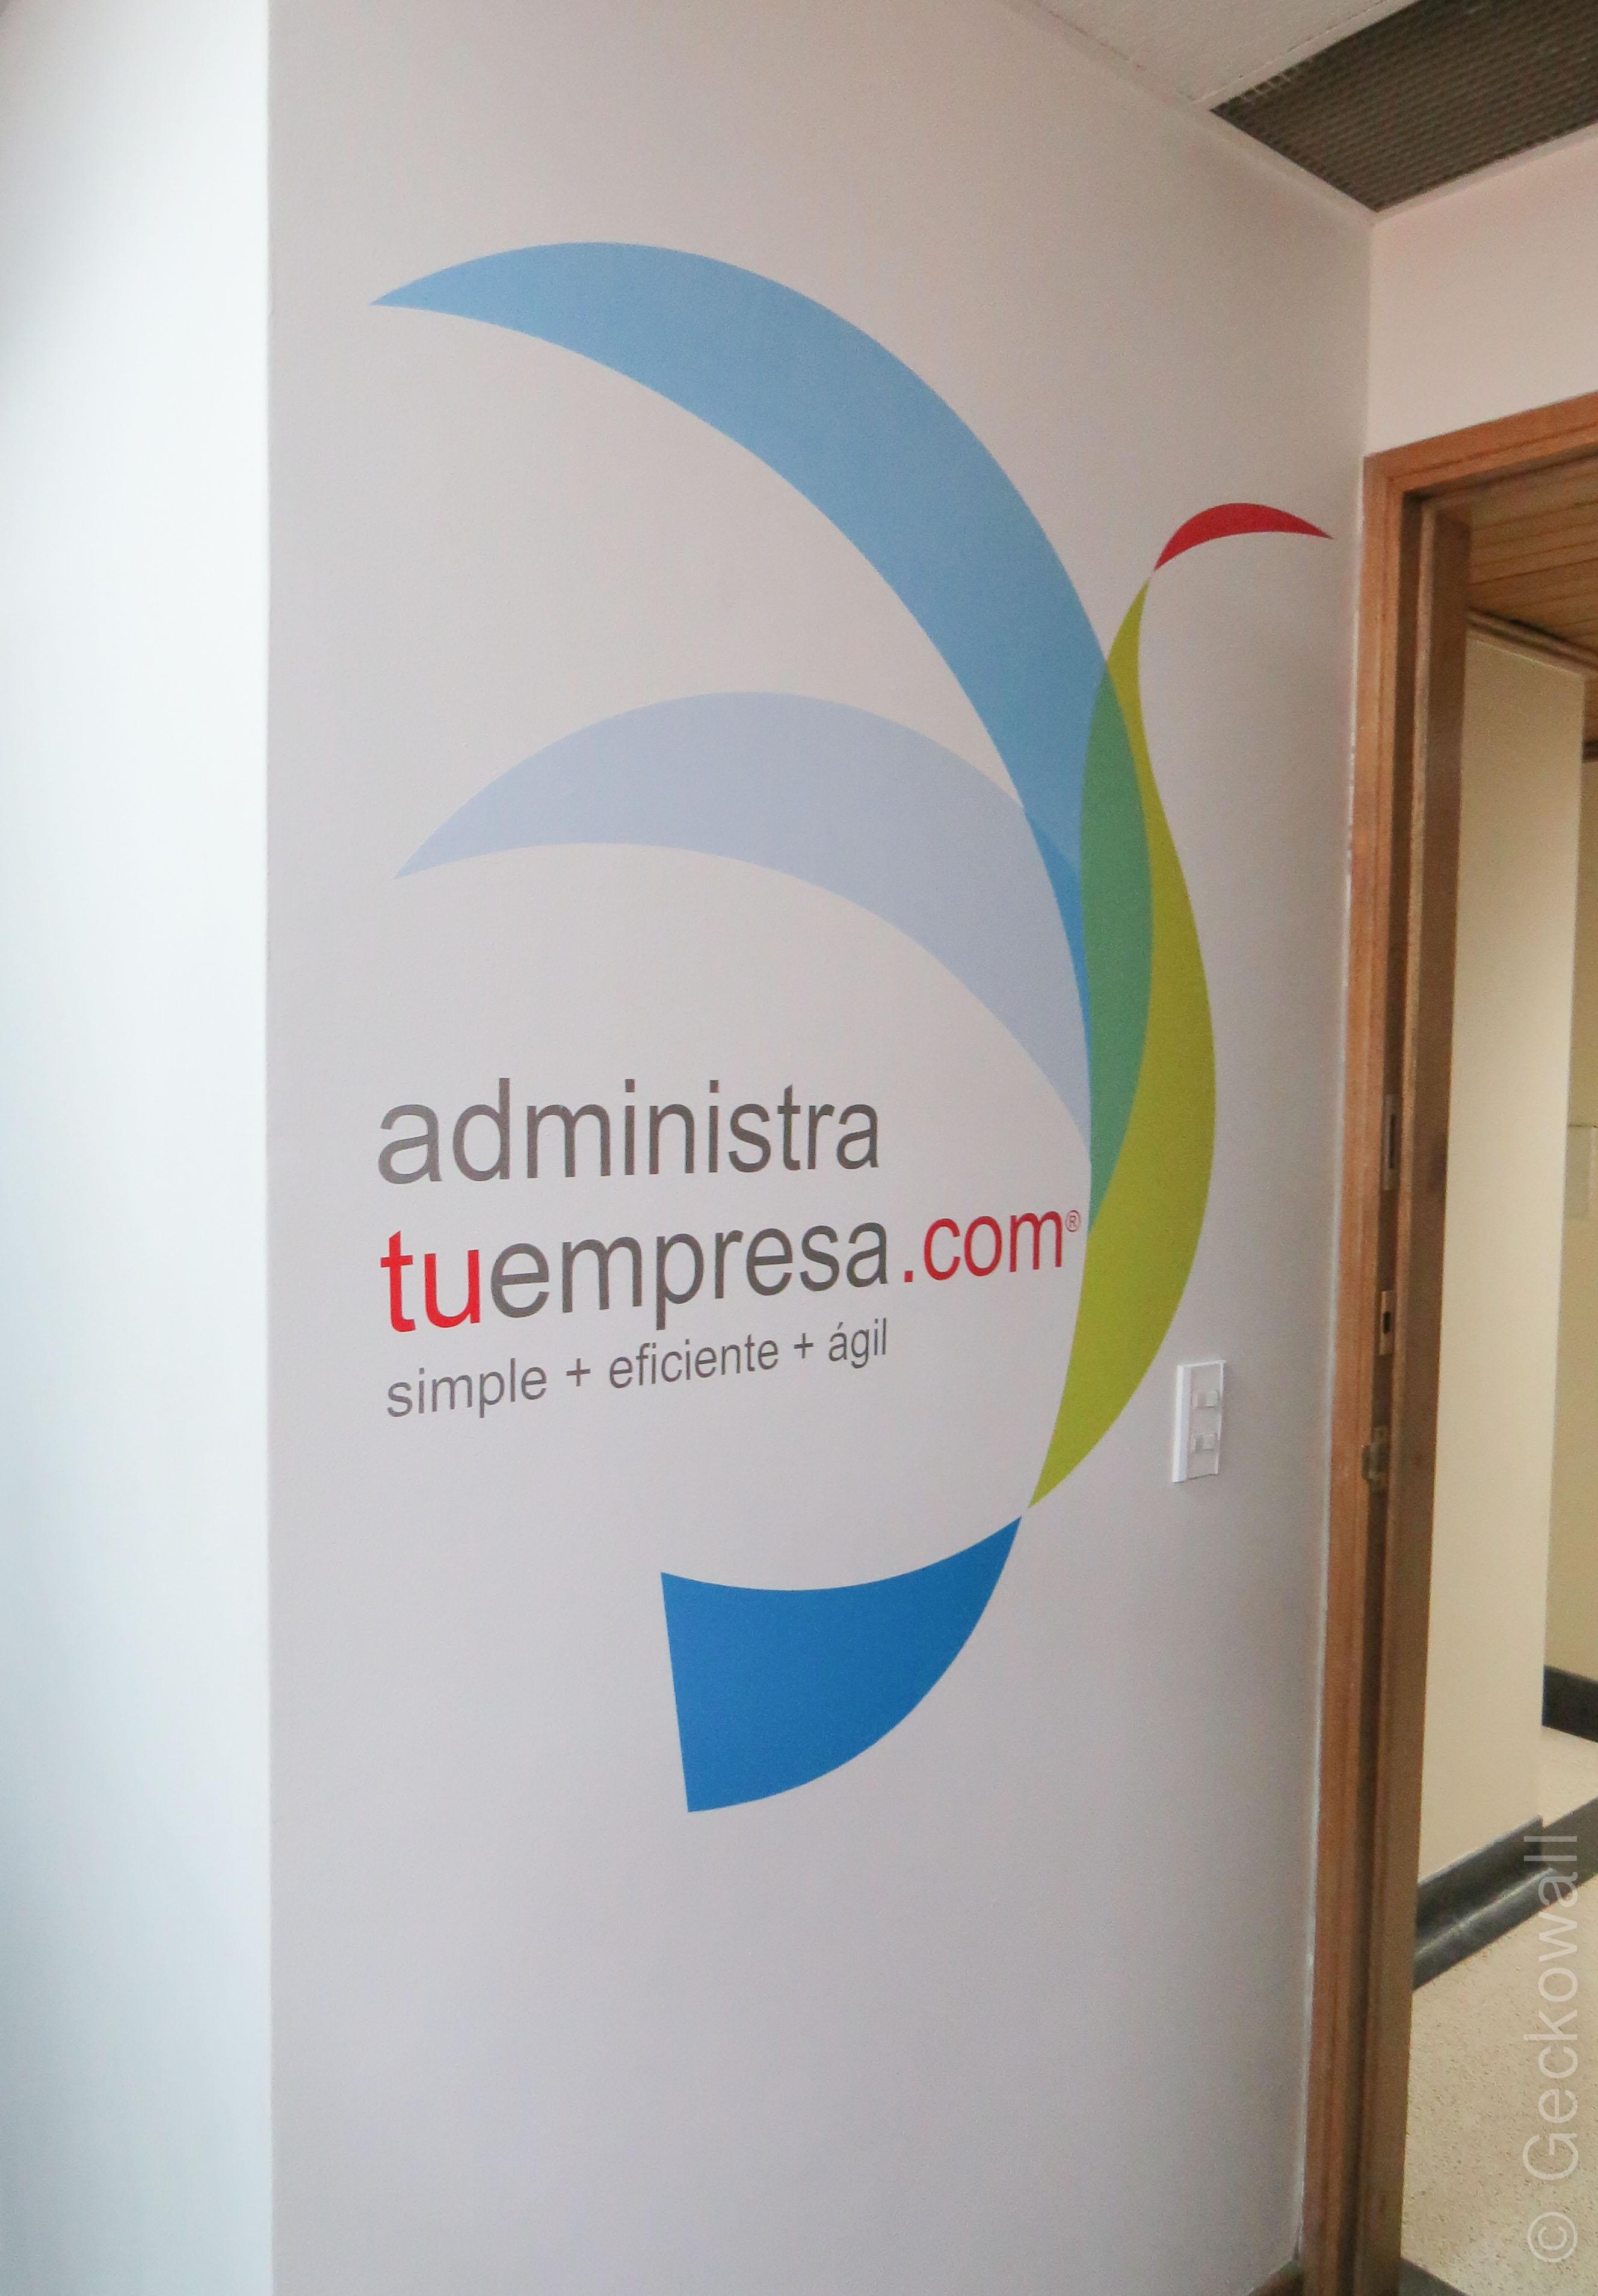 Logo Administra tuempresa.com